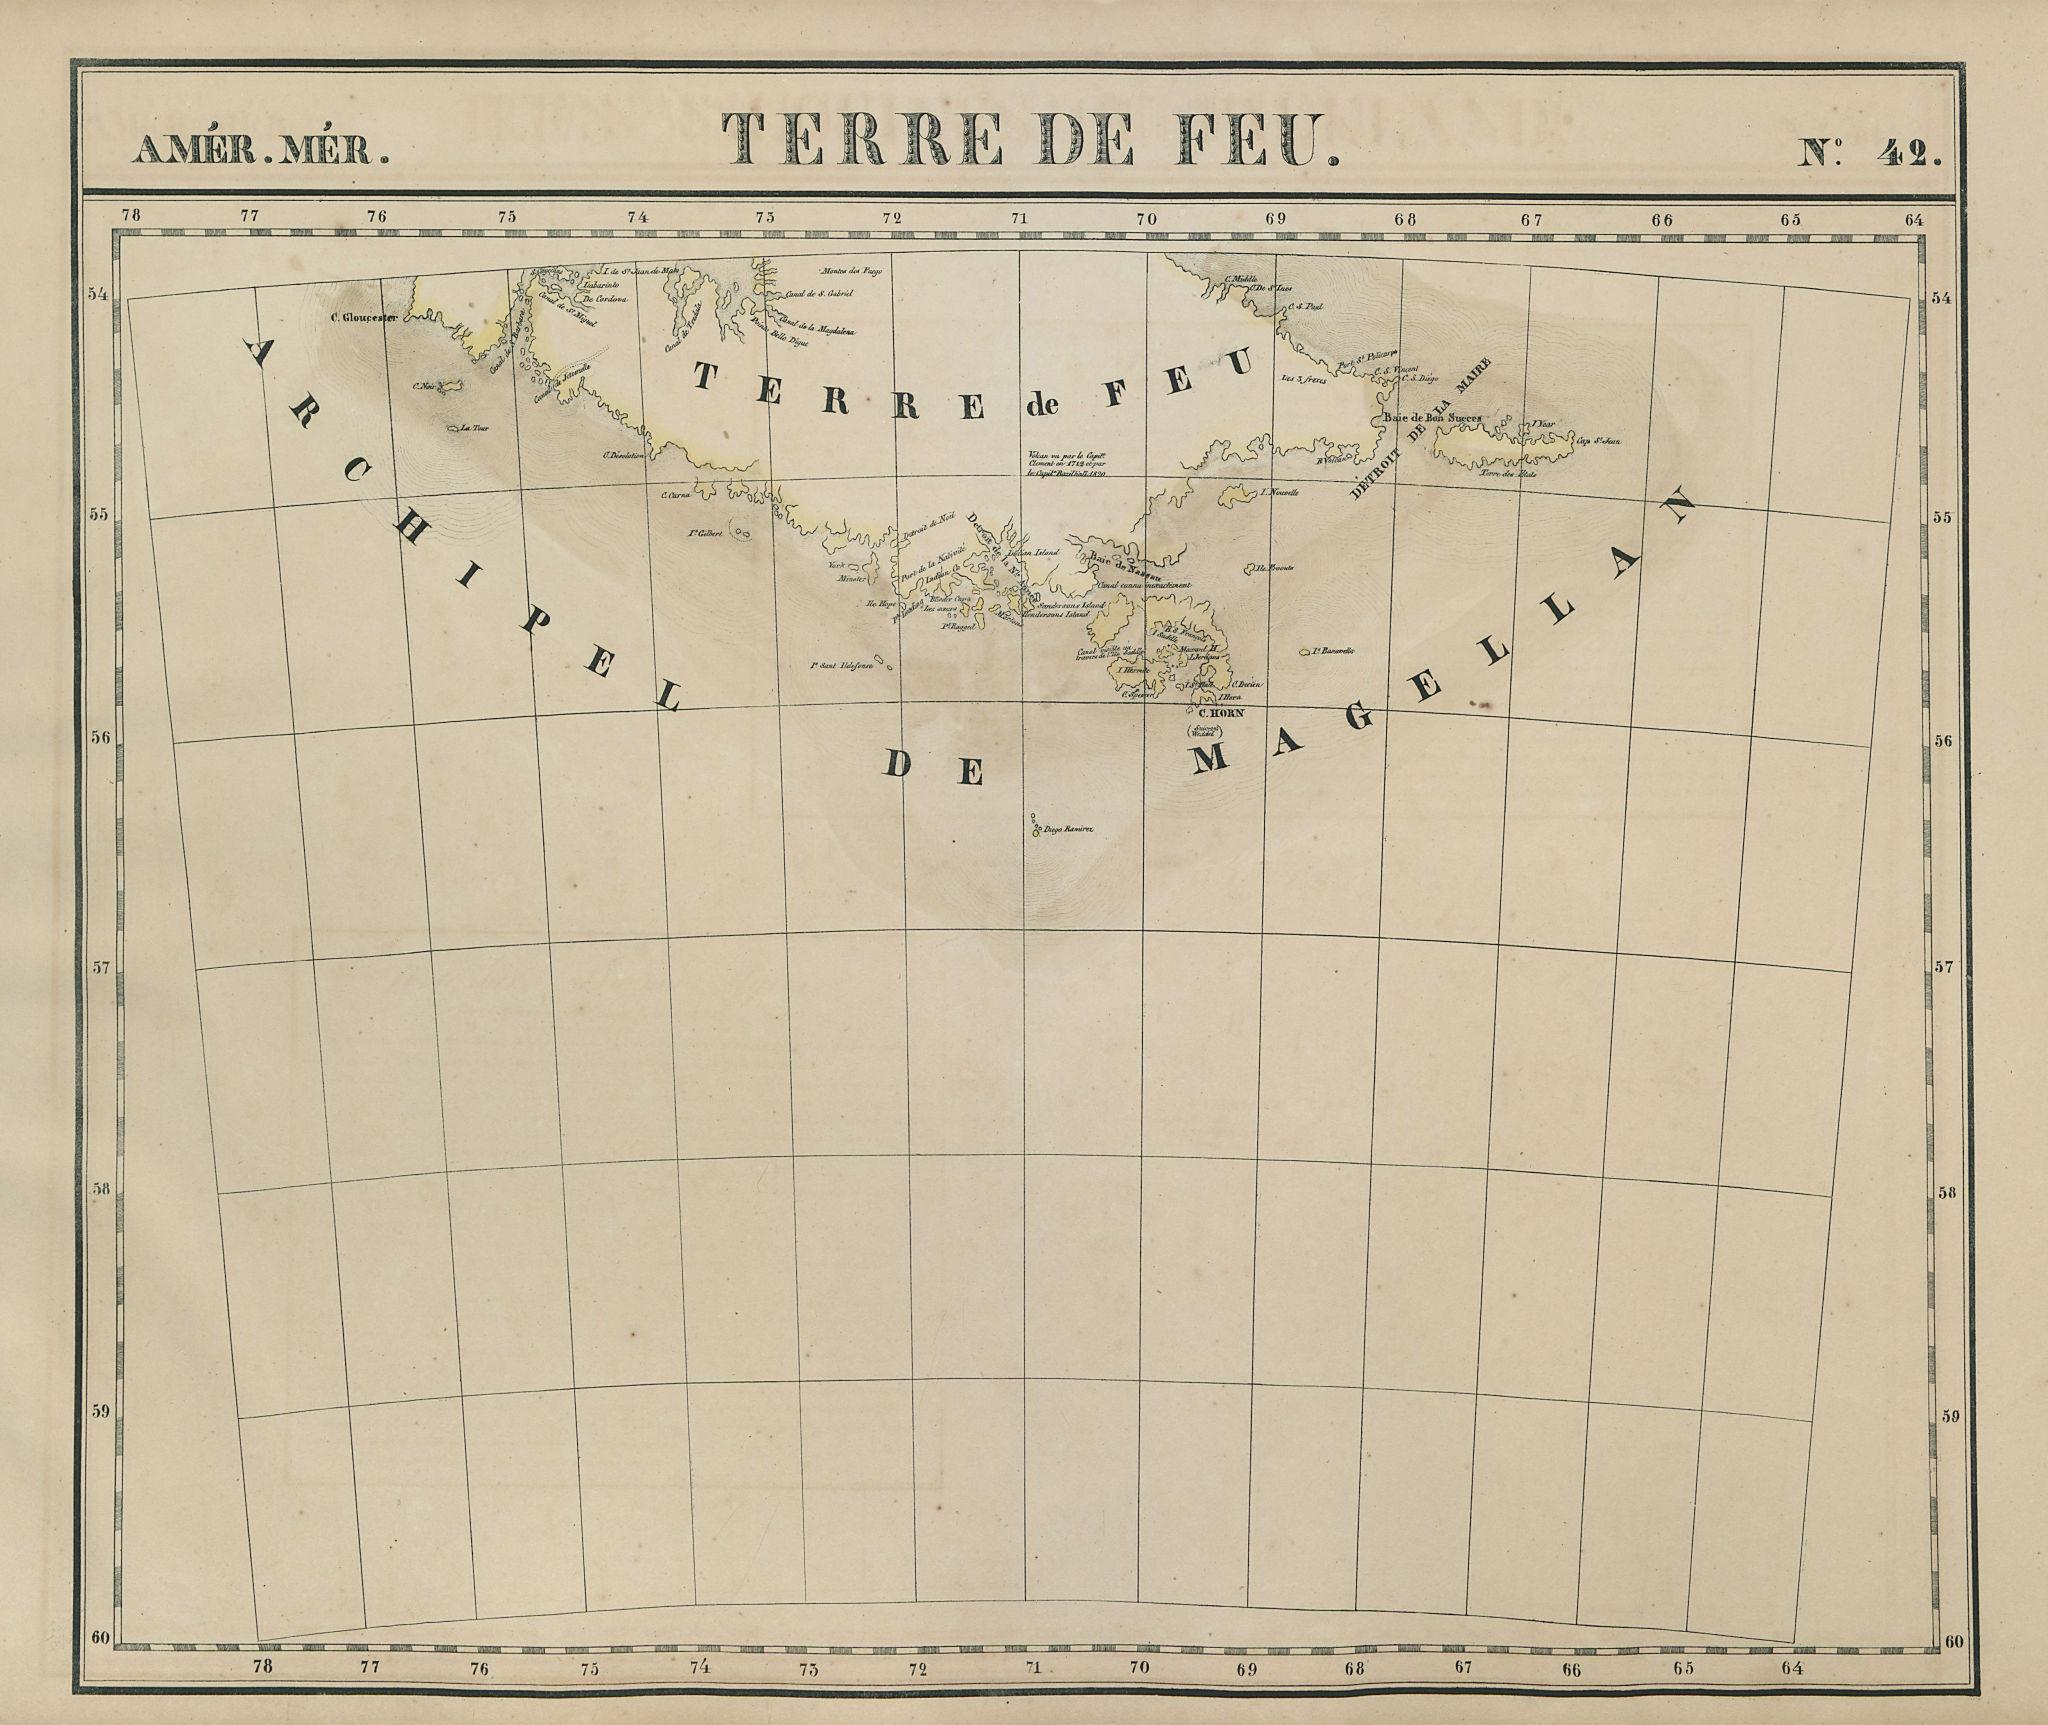 Amér Mér Terre de Feu #42 Tierra del Fuego Argentina Chile VANDERMAELEN 1827 map